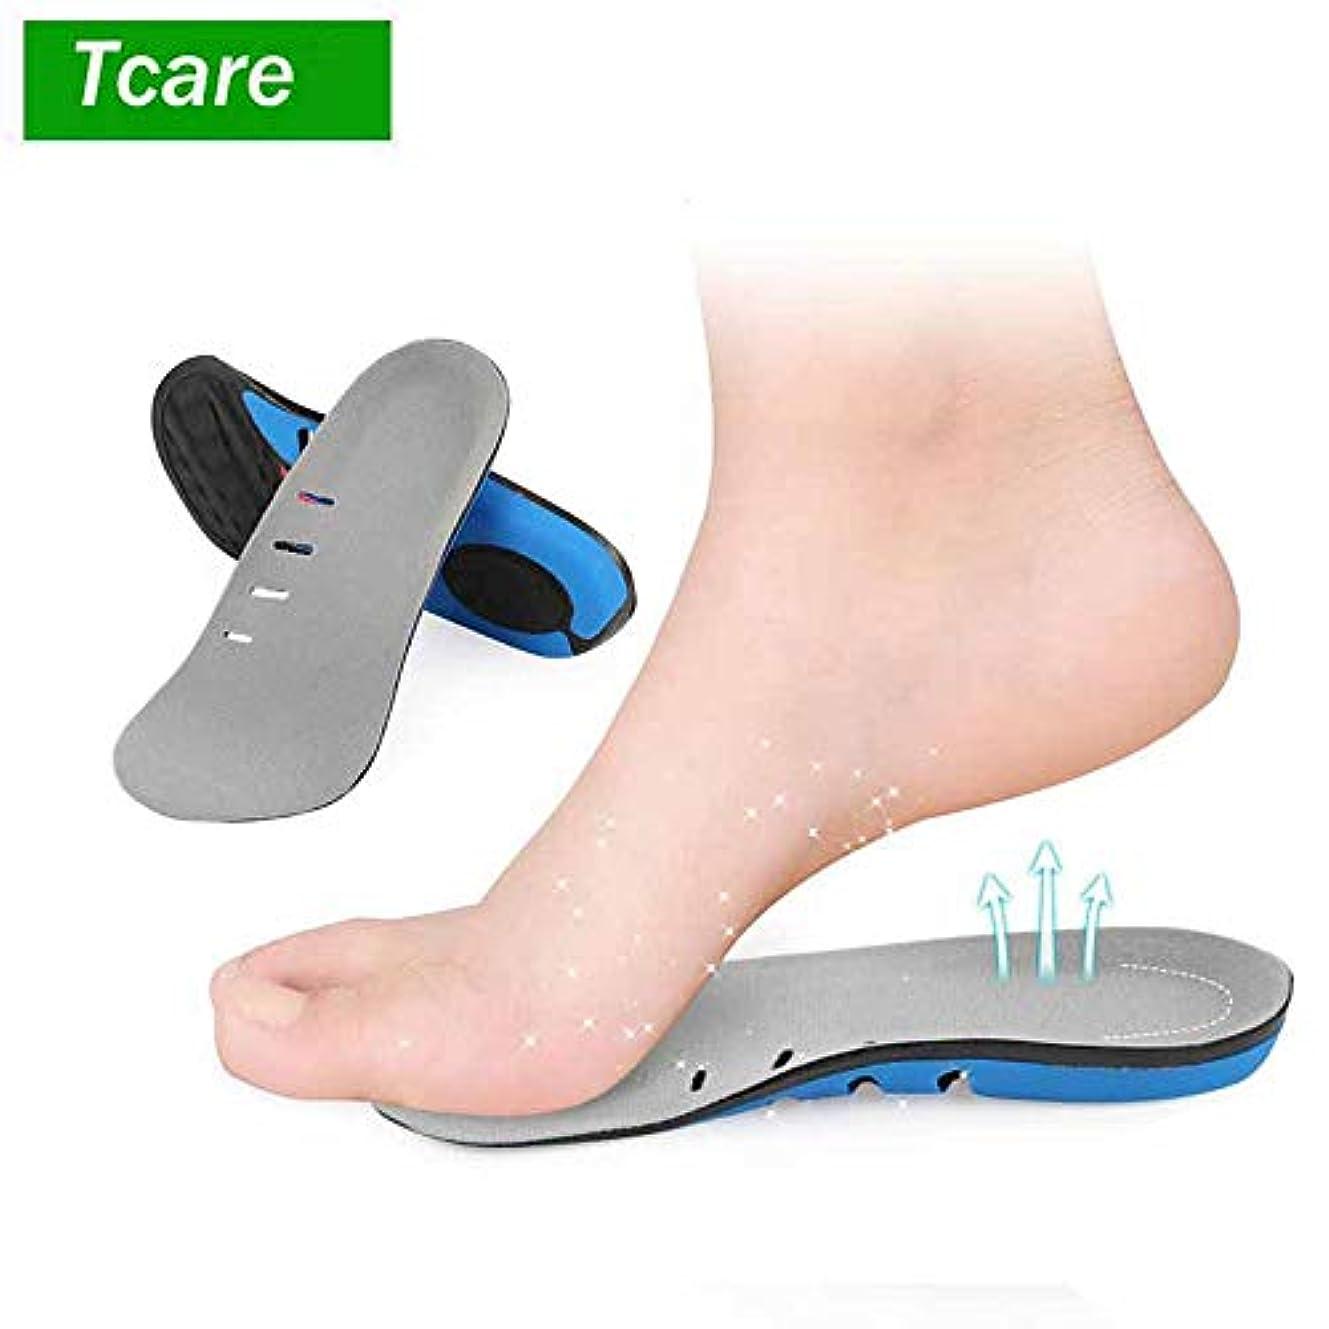 枠累積閉じ込める靴のマッサージシューズのインソールは、男性用/女性用の足底筋膜炎用インソール